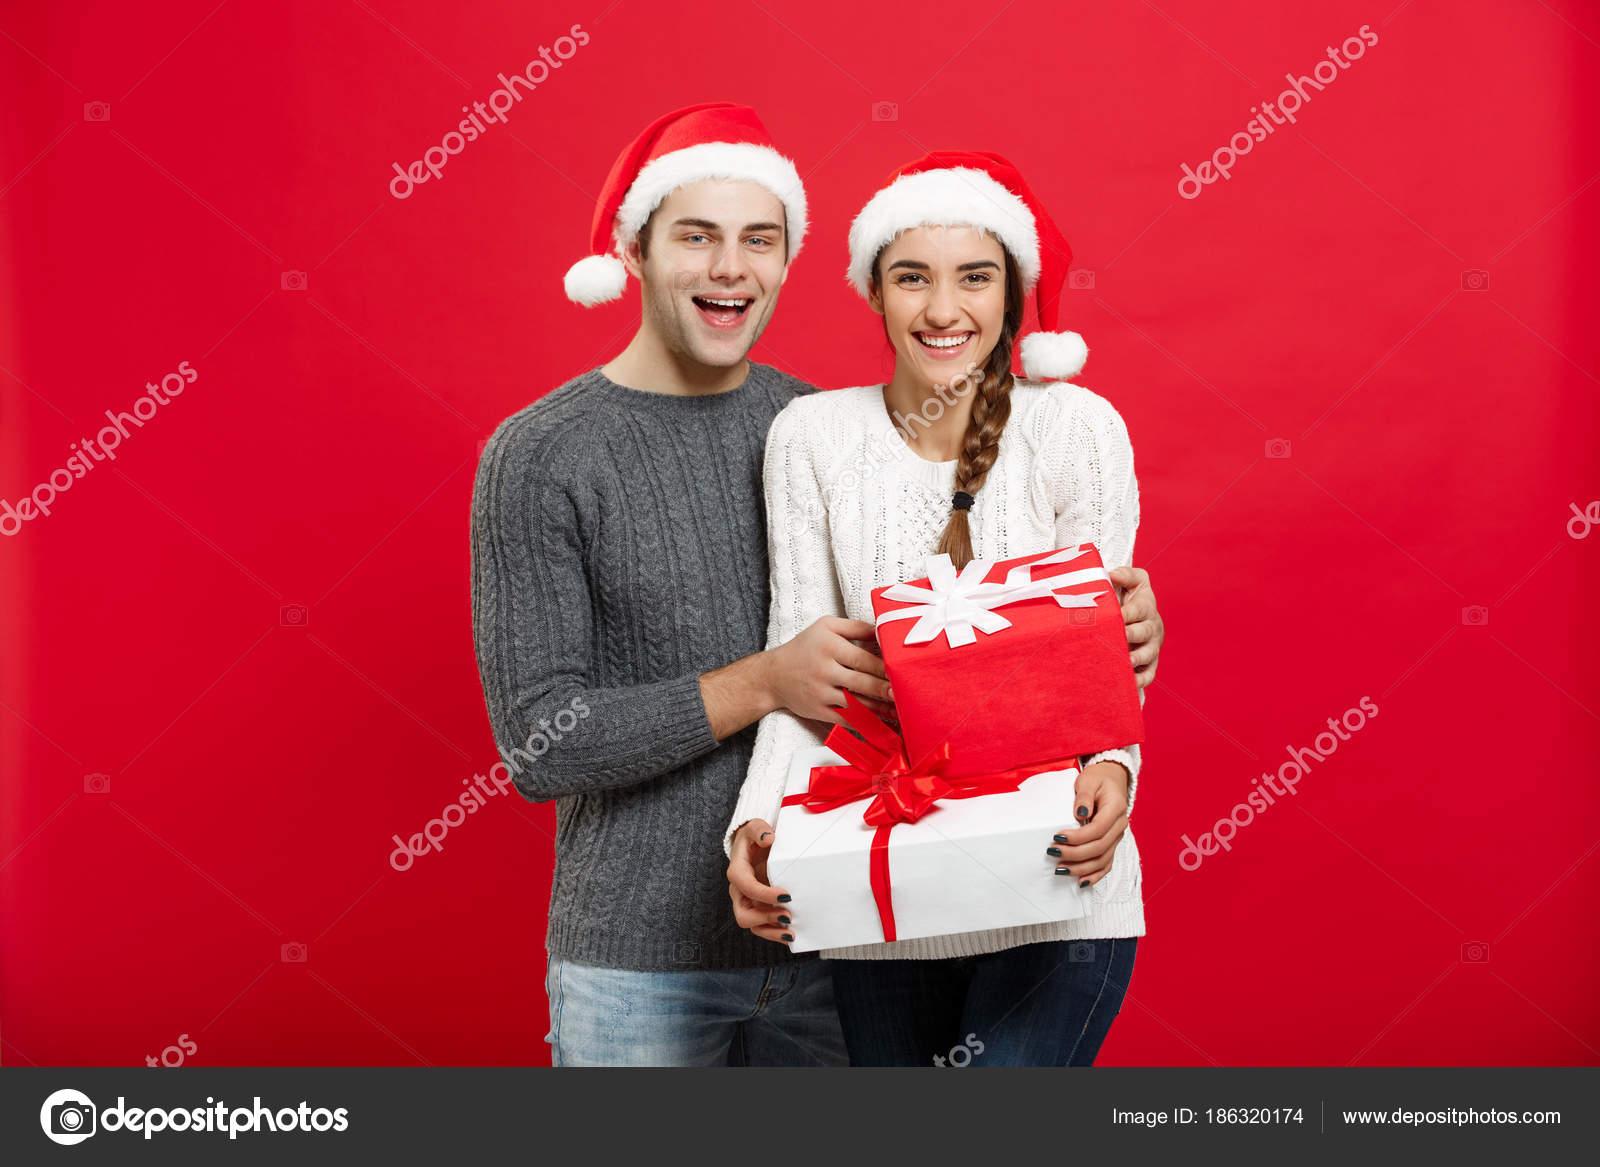 överraska sin flickvän